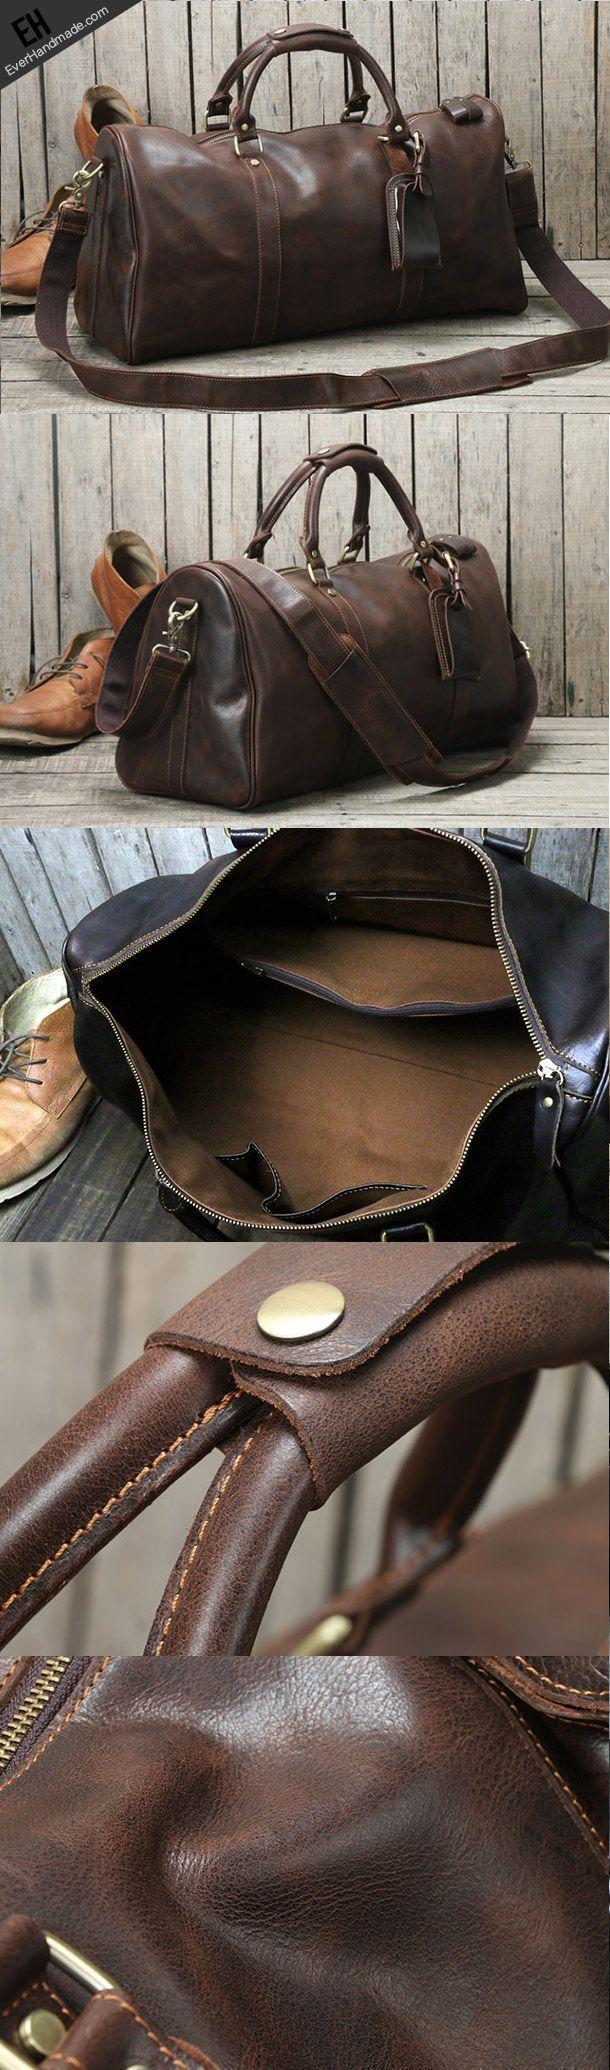 bd48ddaa97 Handmade leather men Travel Duffle Bag Laptop Weekender Bag Overnight Bag  vintage shoulder vintage bag - black ladies bag